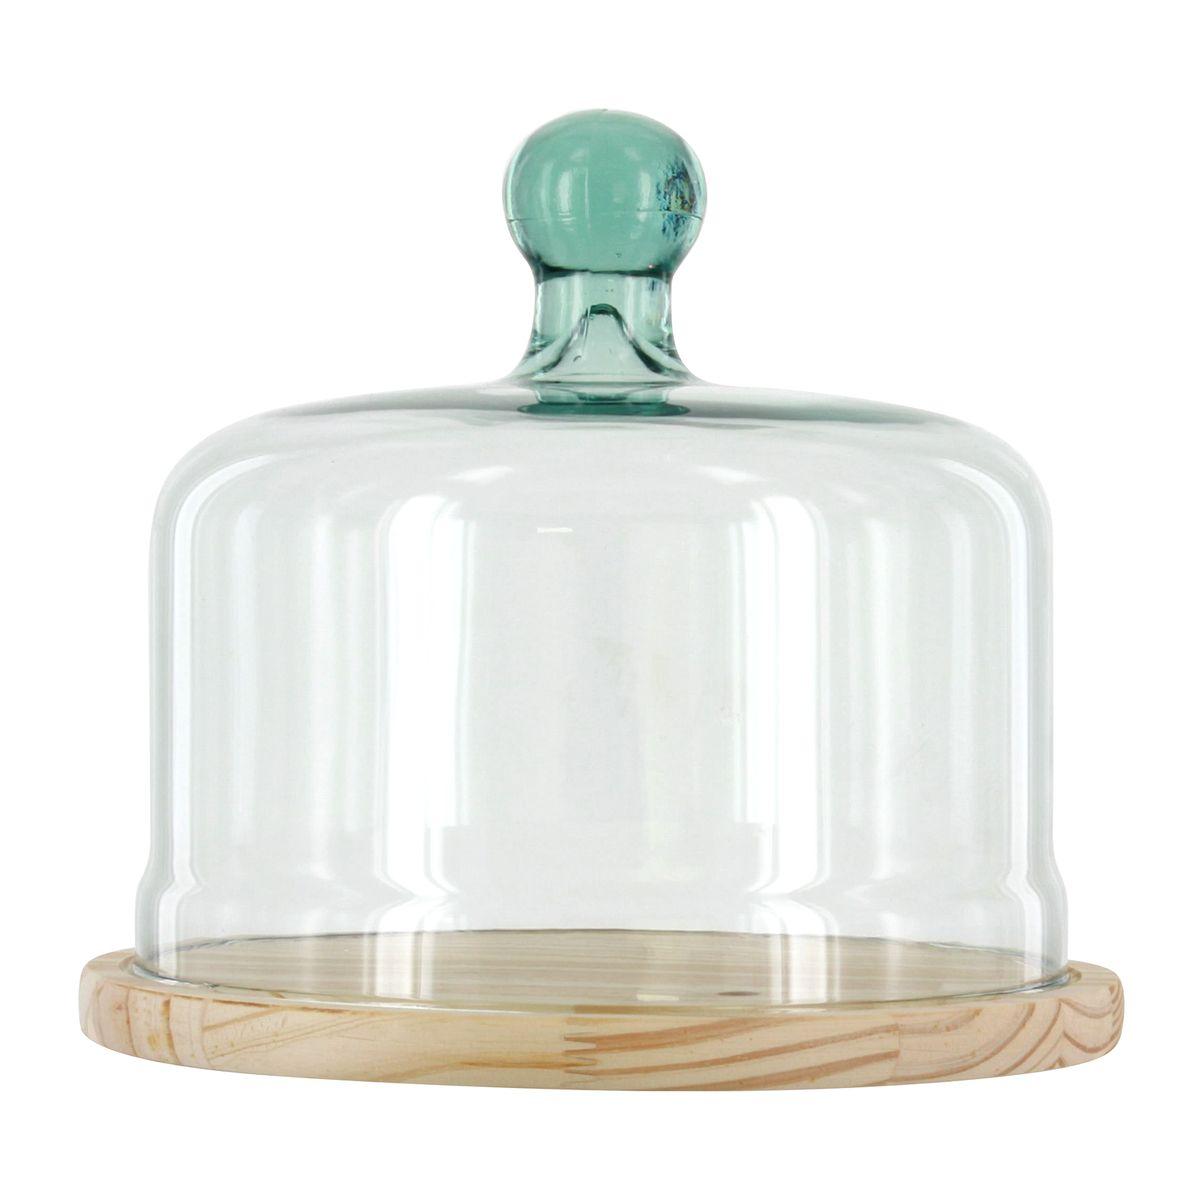 Cloche à fromage en verre recyclé 22 cm - Vidrios